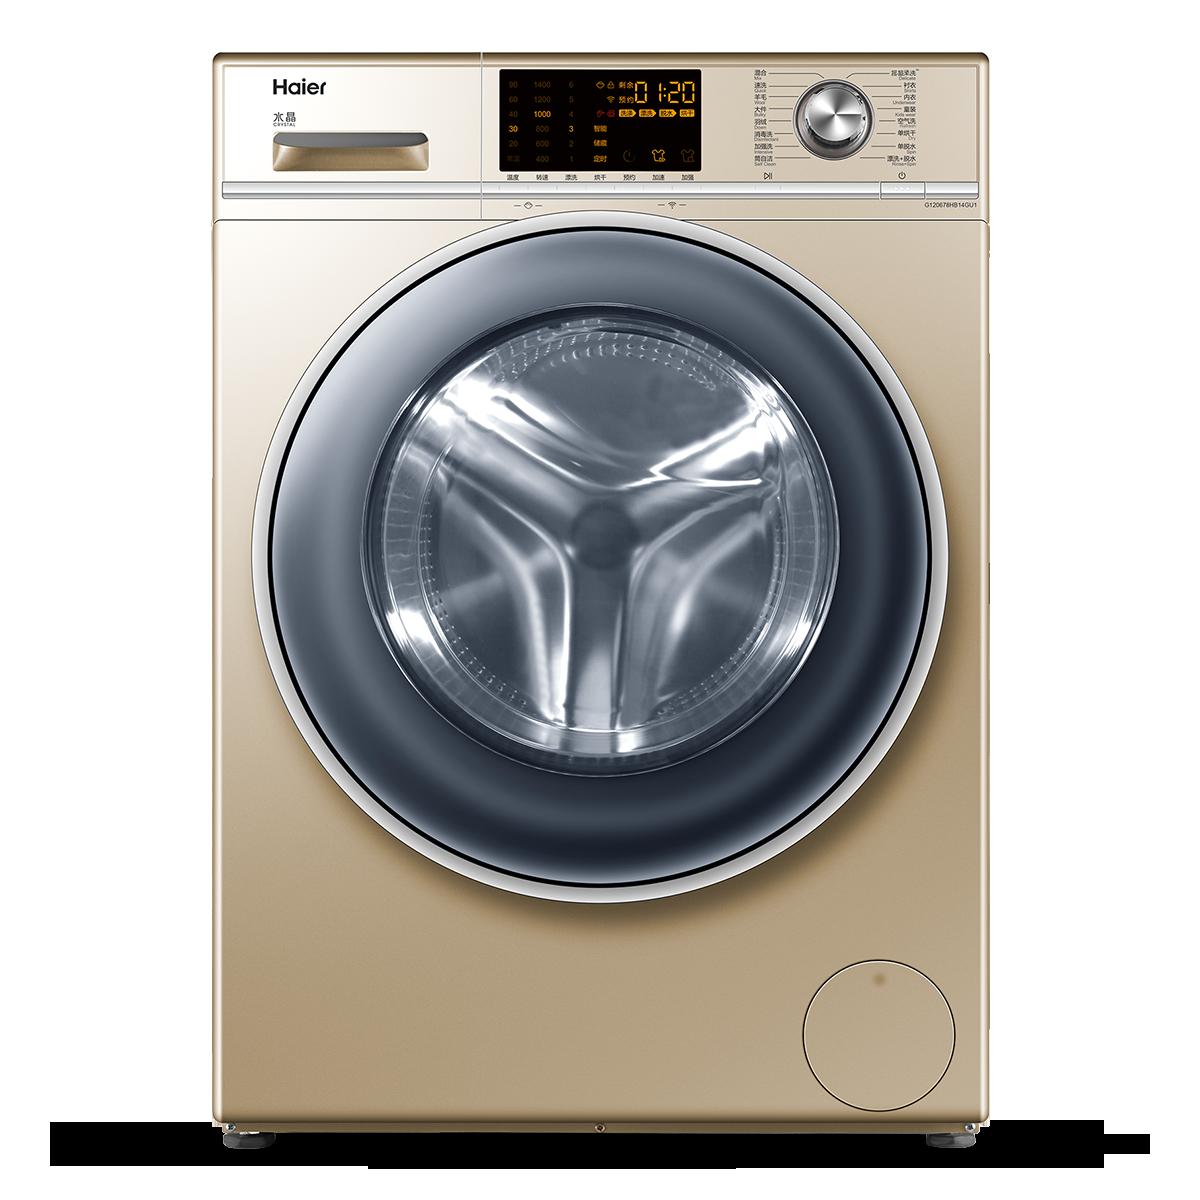 海尔Haier洗衣机 G120678HB14GU1 说明书